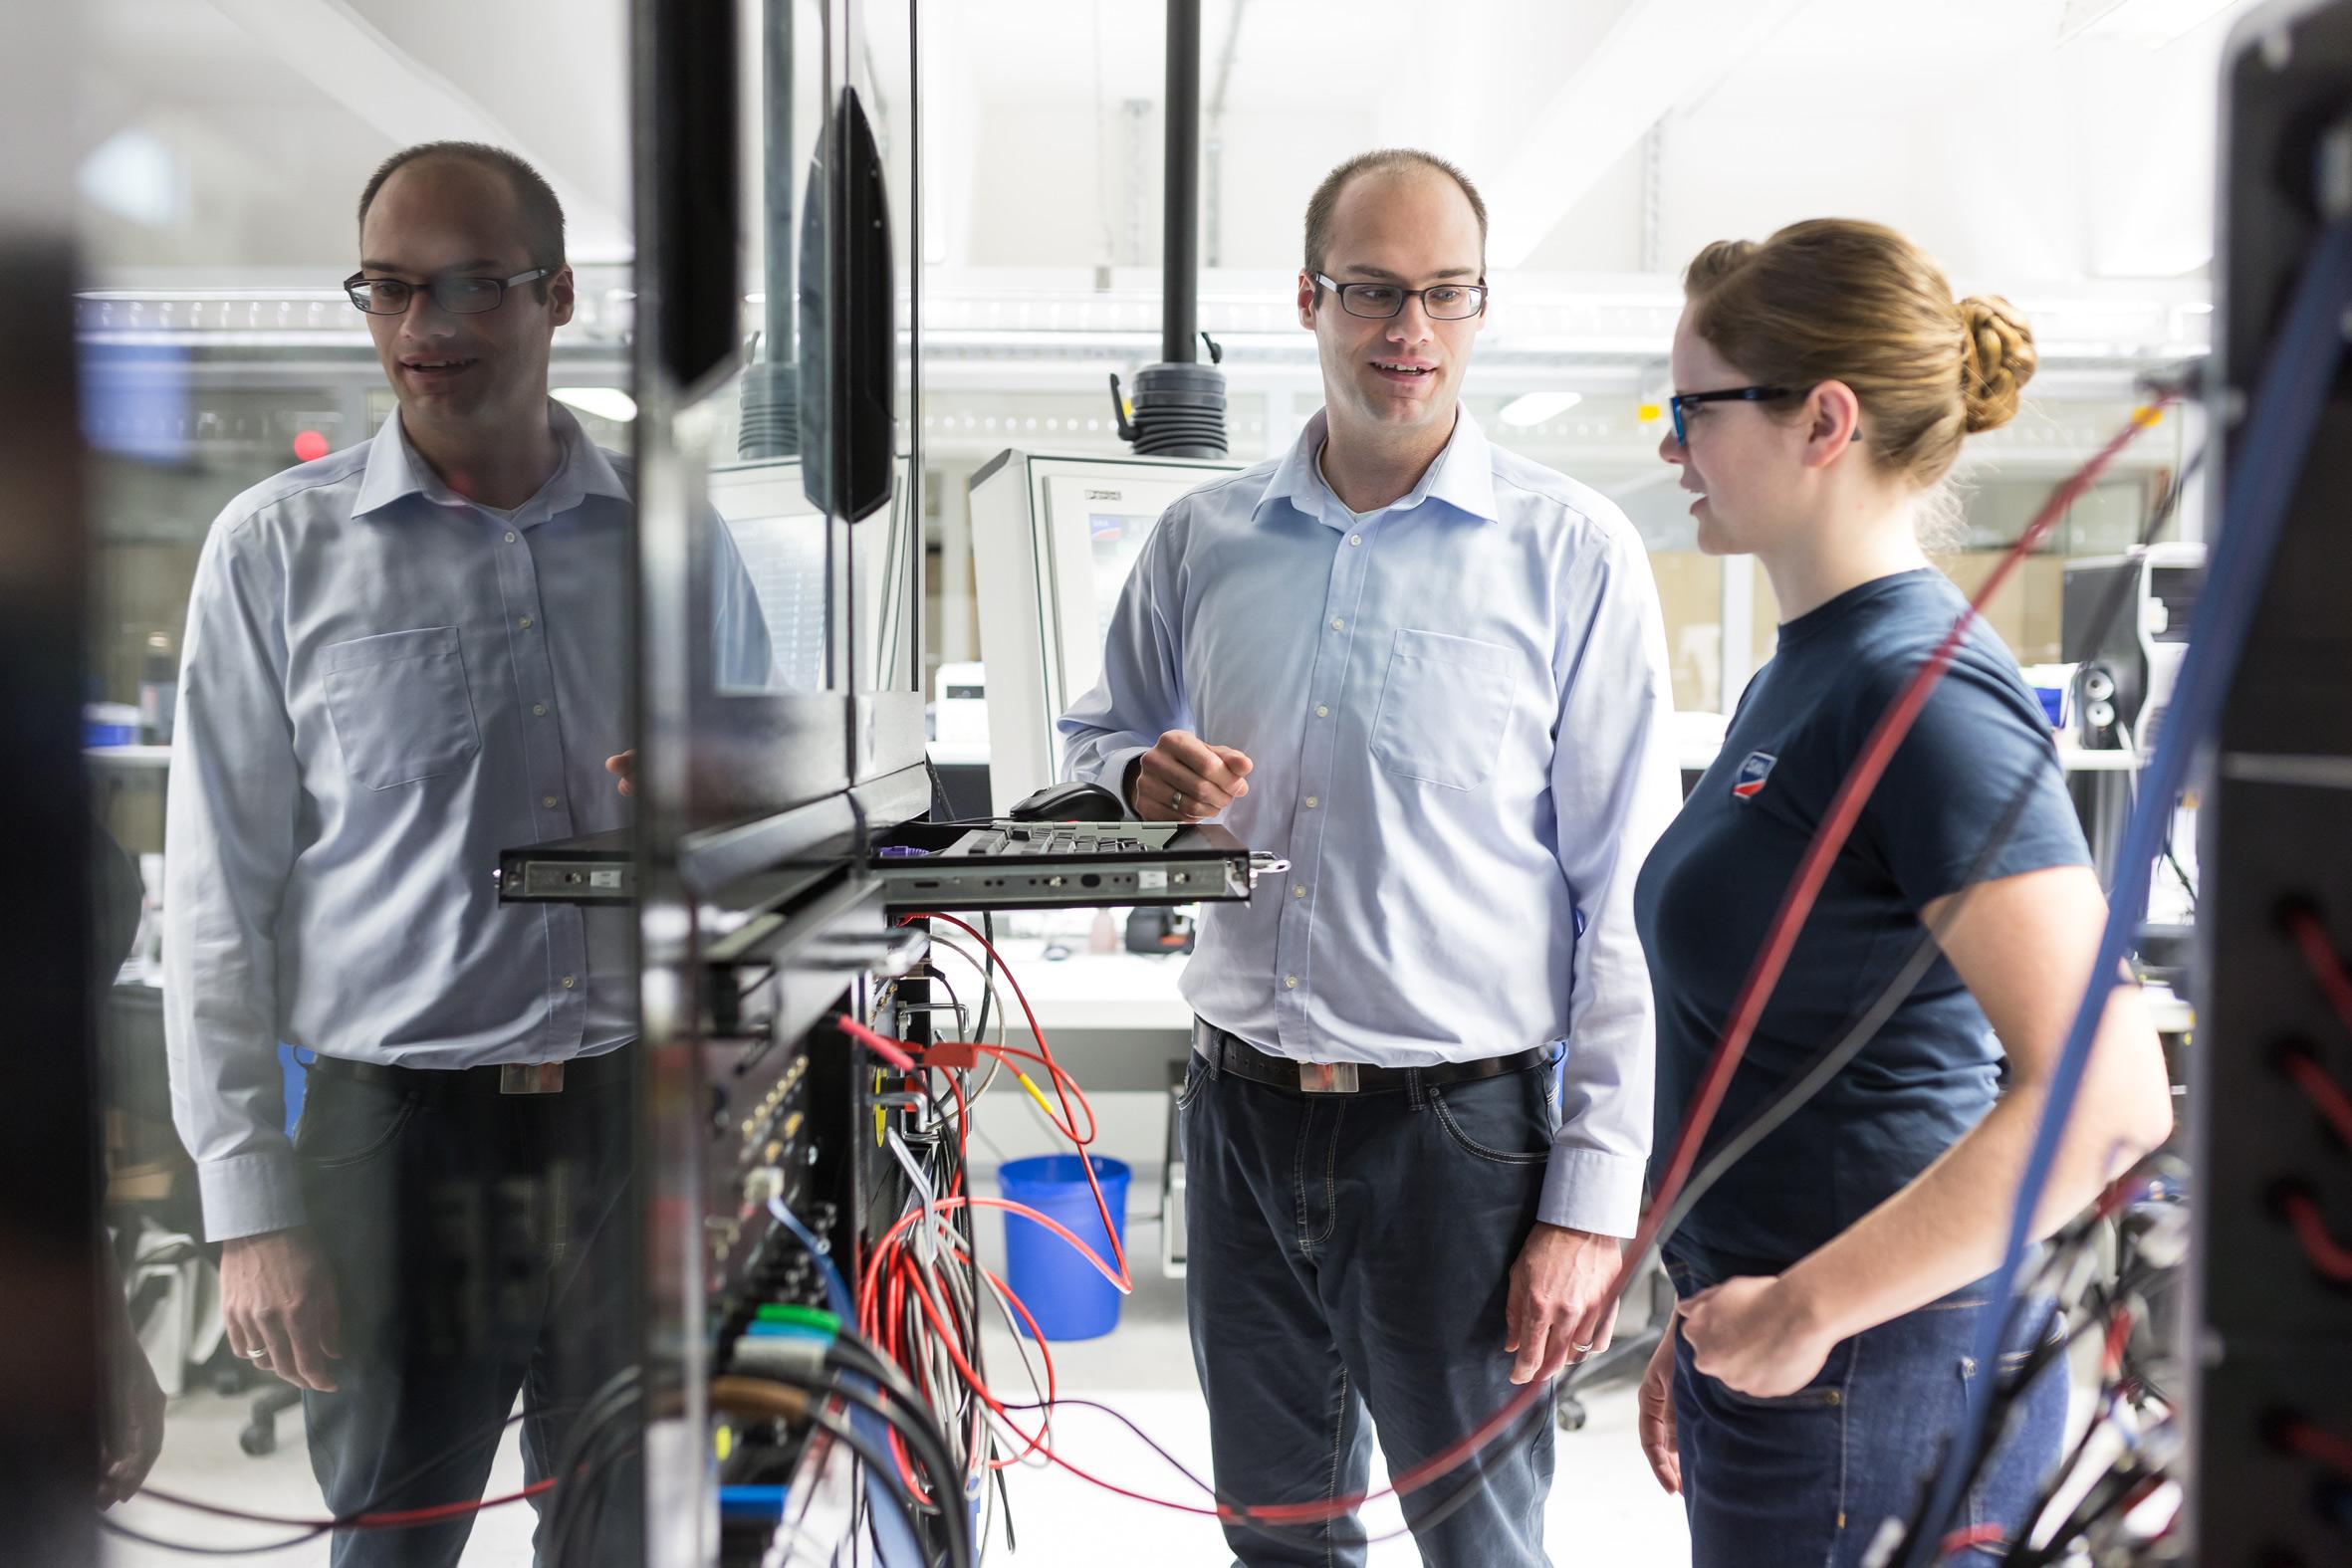 Wir holen die Welt in unsere Labore: Dazu gehören auch die Anschlussbedingungen für verschiedene Märkte